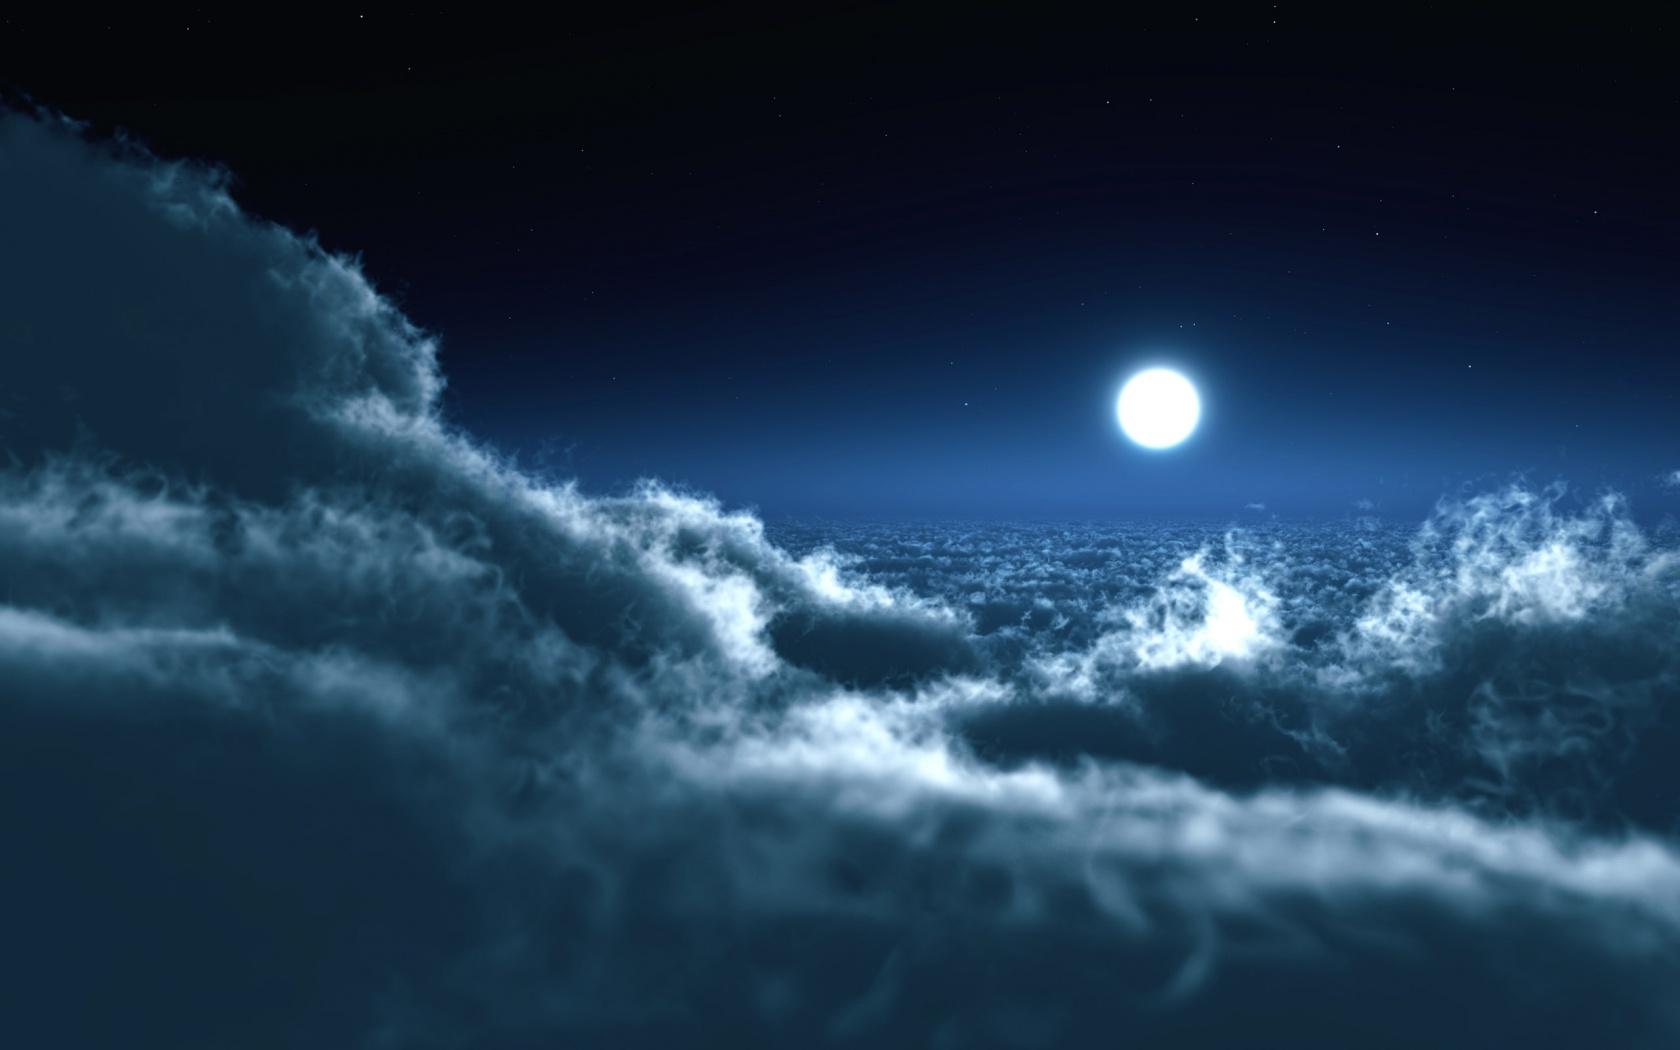 Mond Und Sterne Wallpaper Nachthimmel Mit Sterne